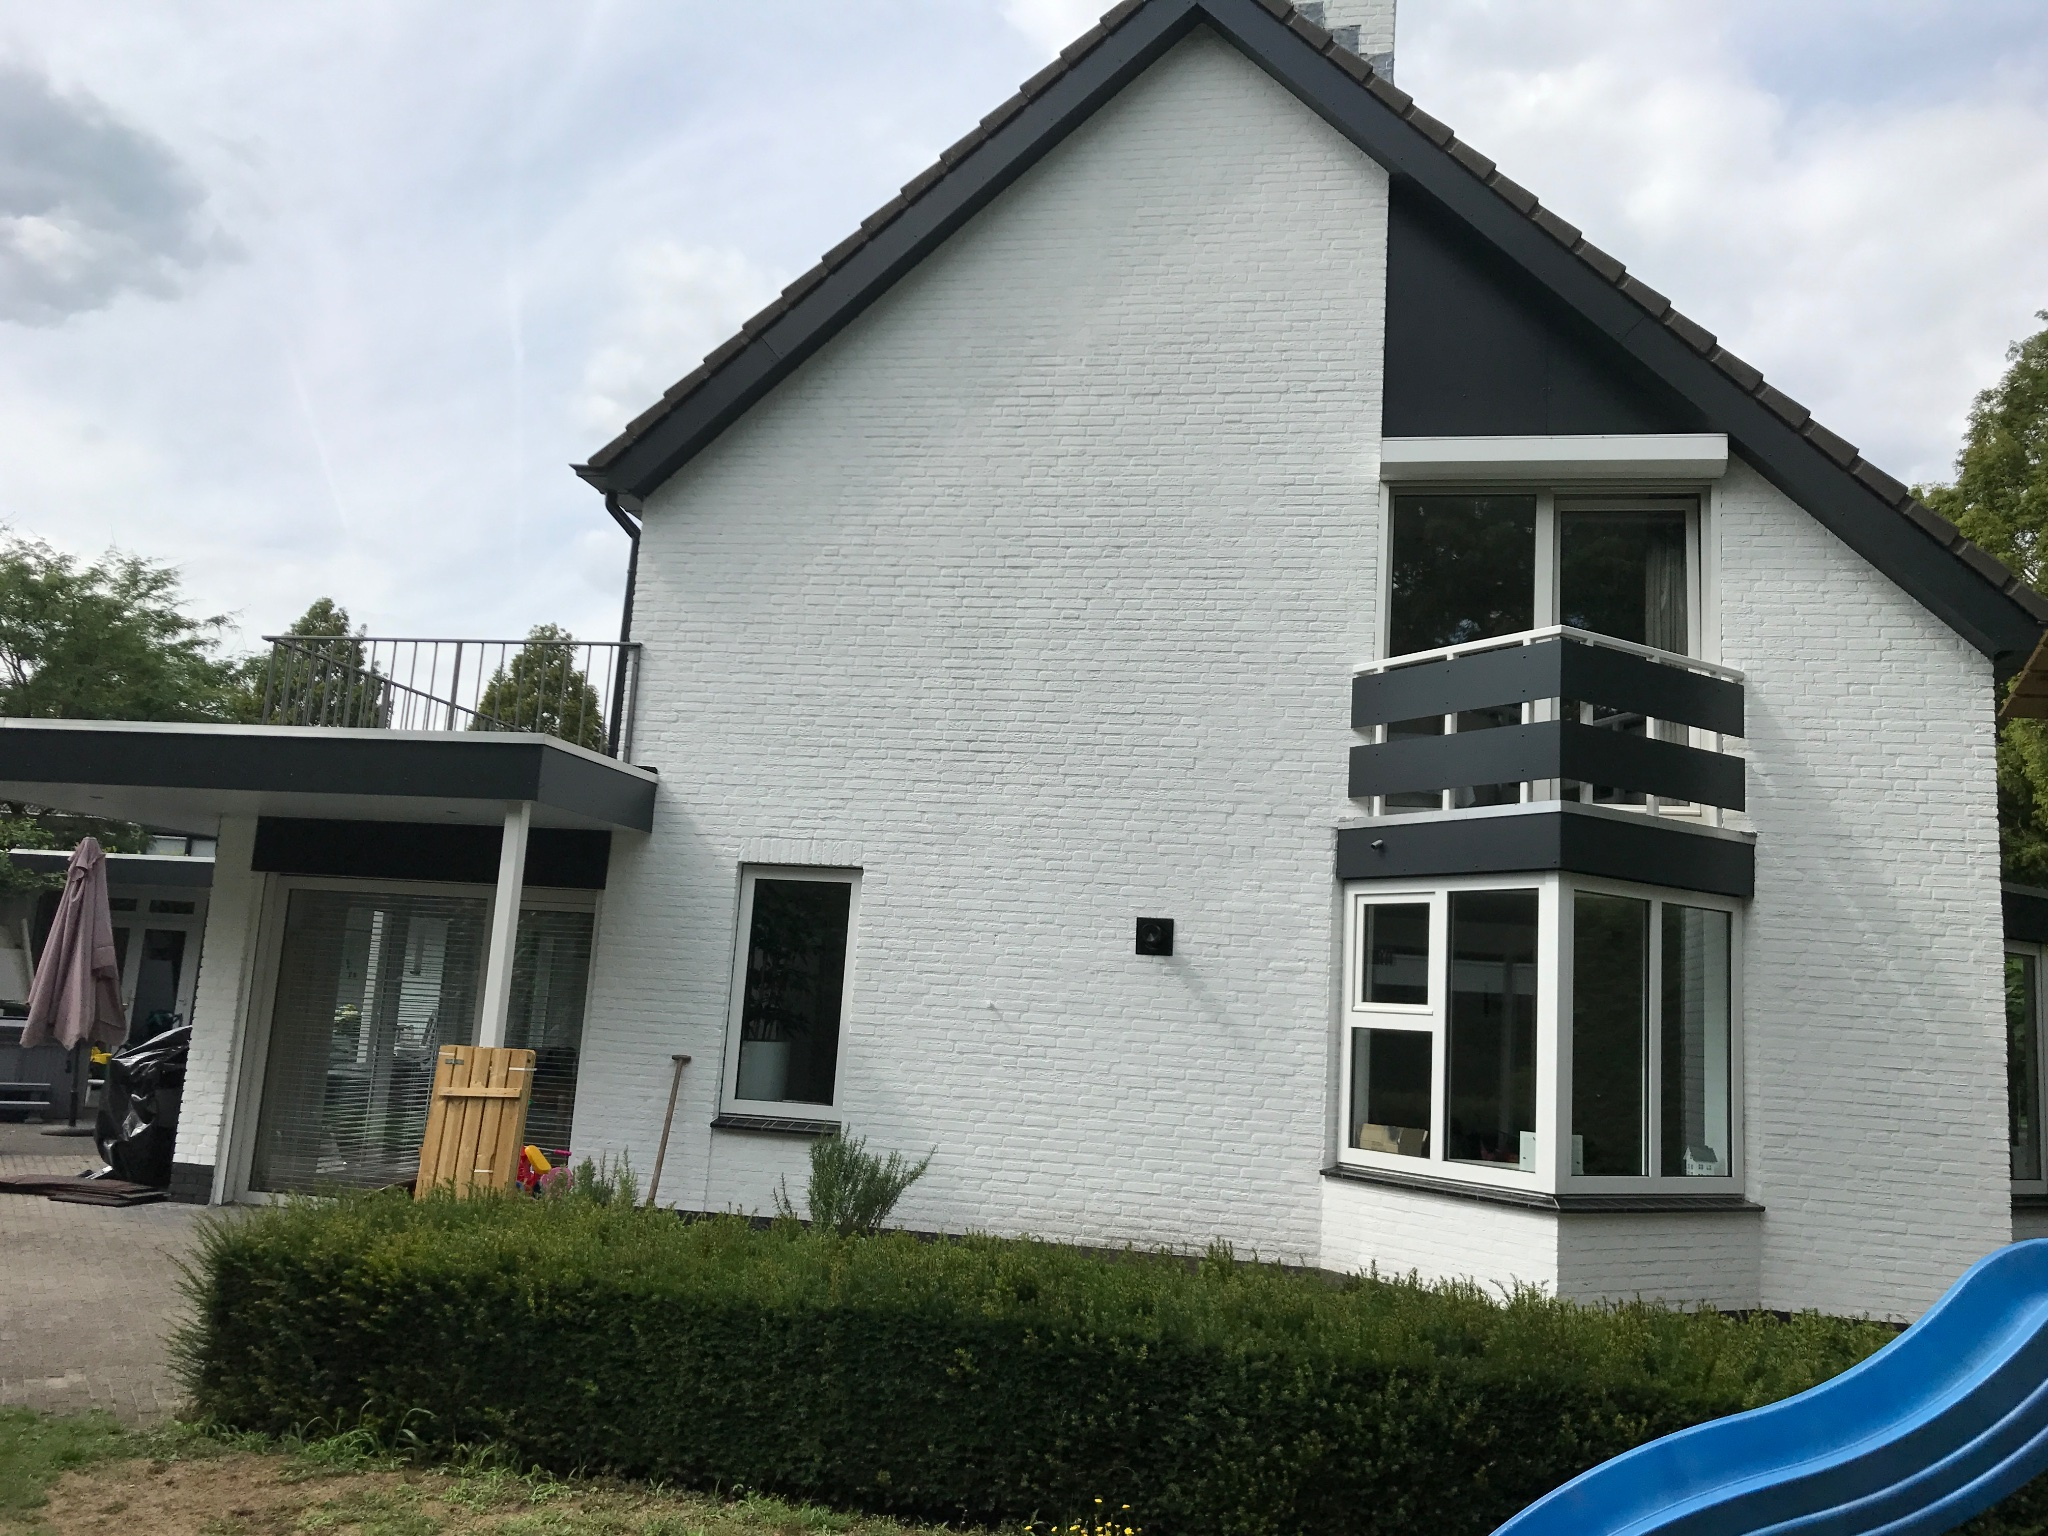 Beste Buitenkant huis wit schilderen - Werkspot DL-73